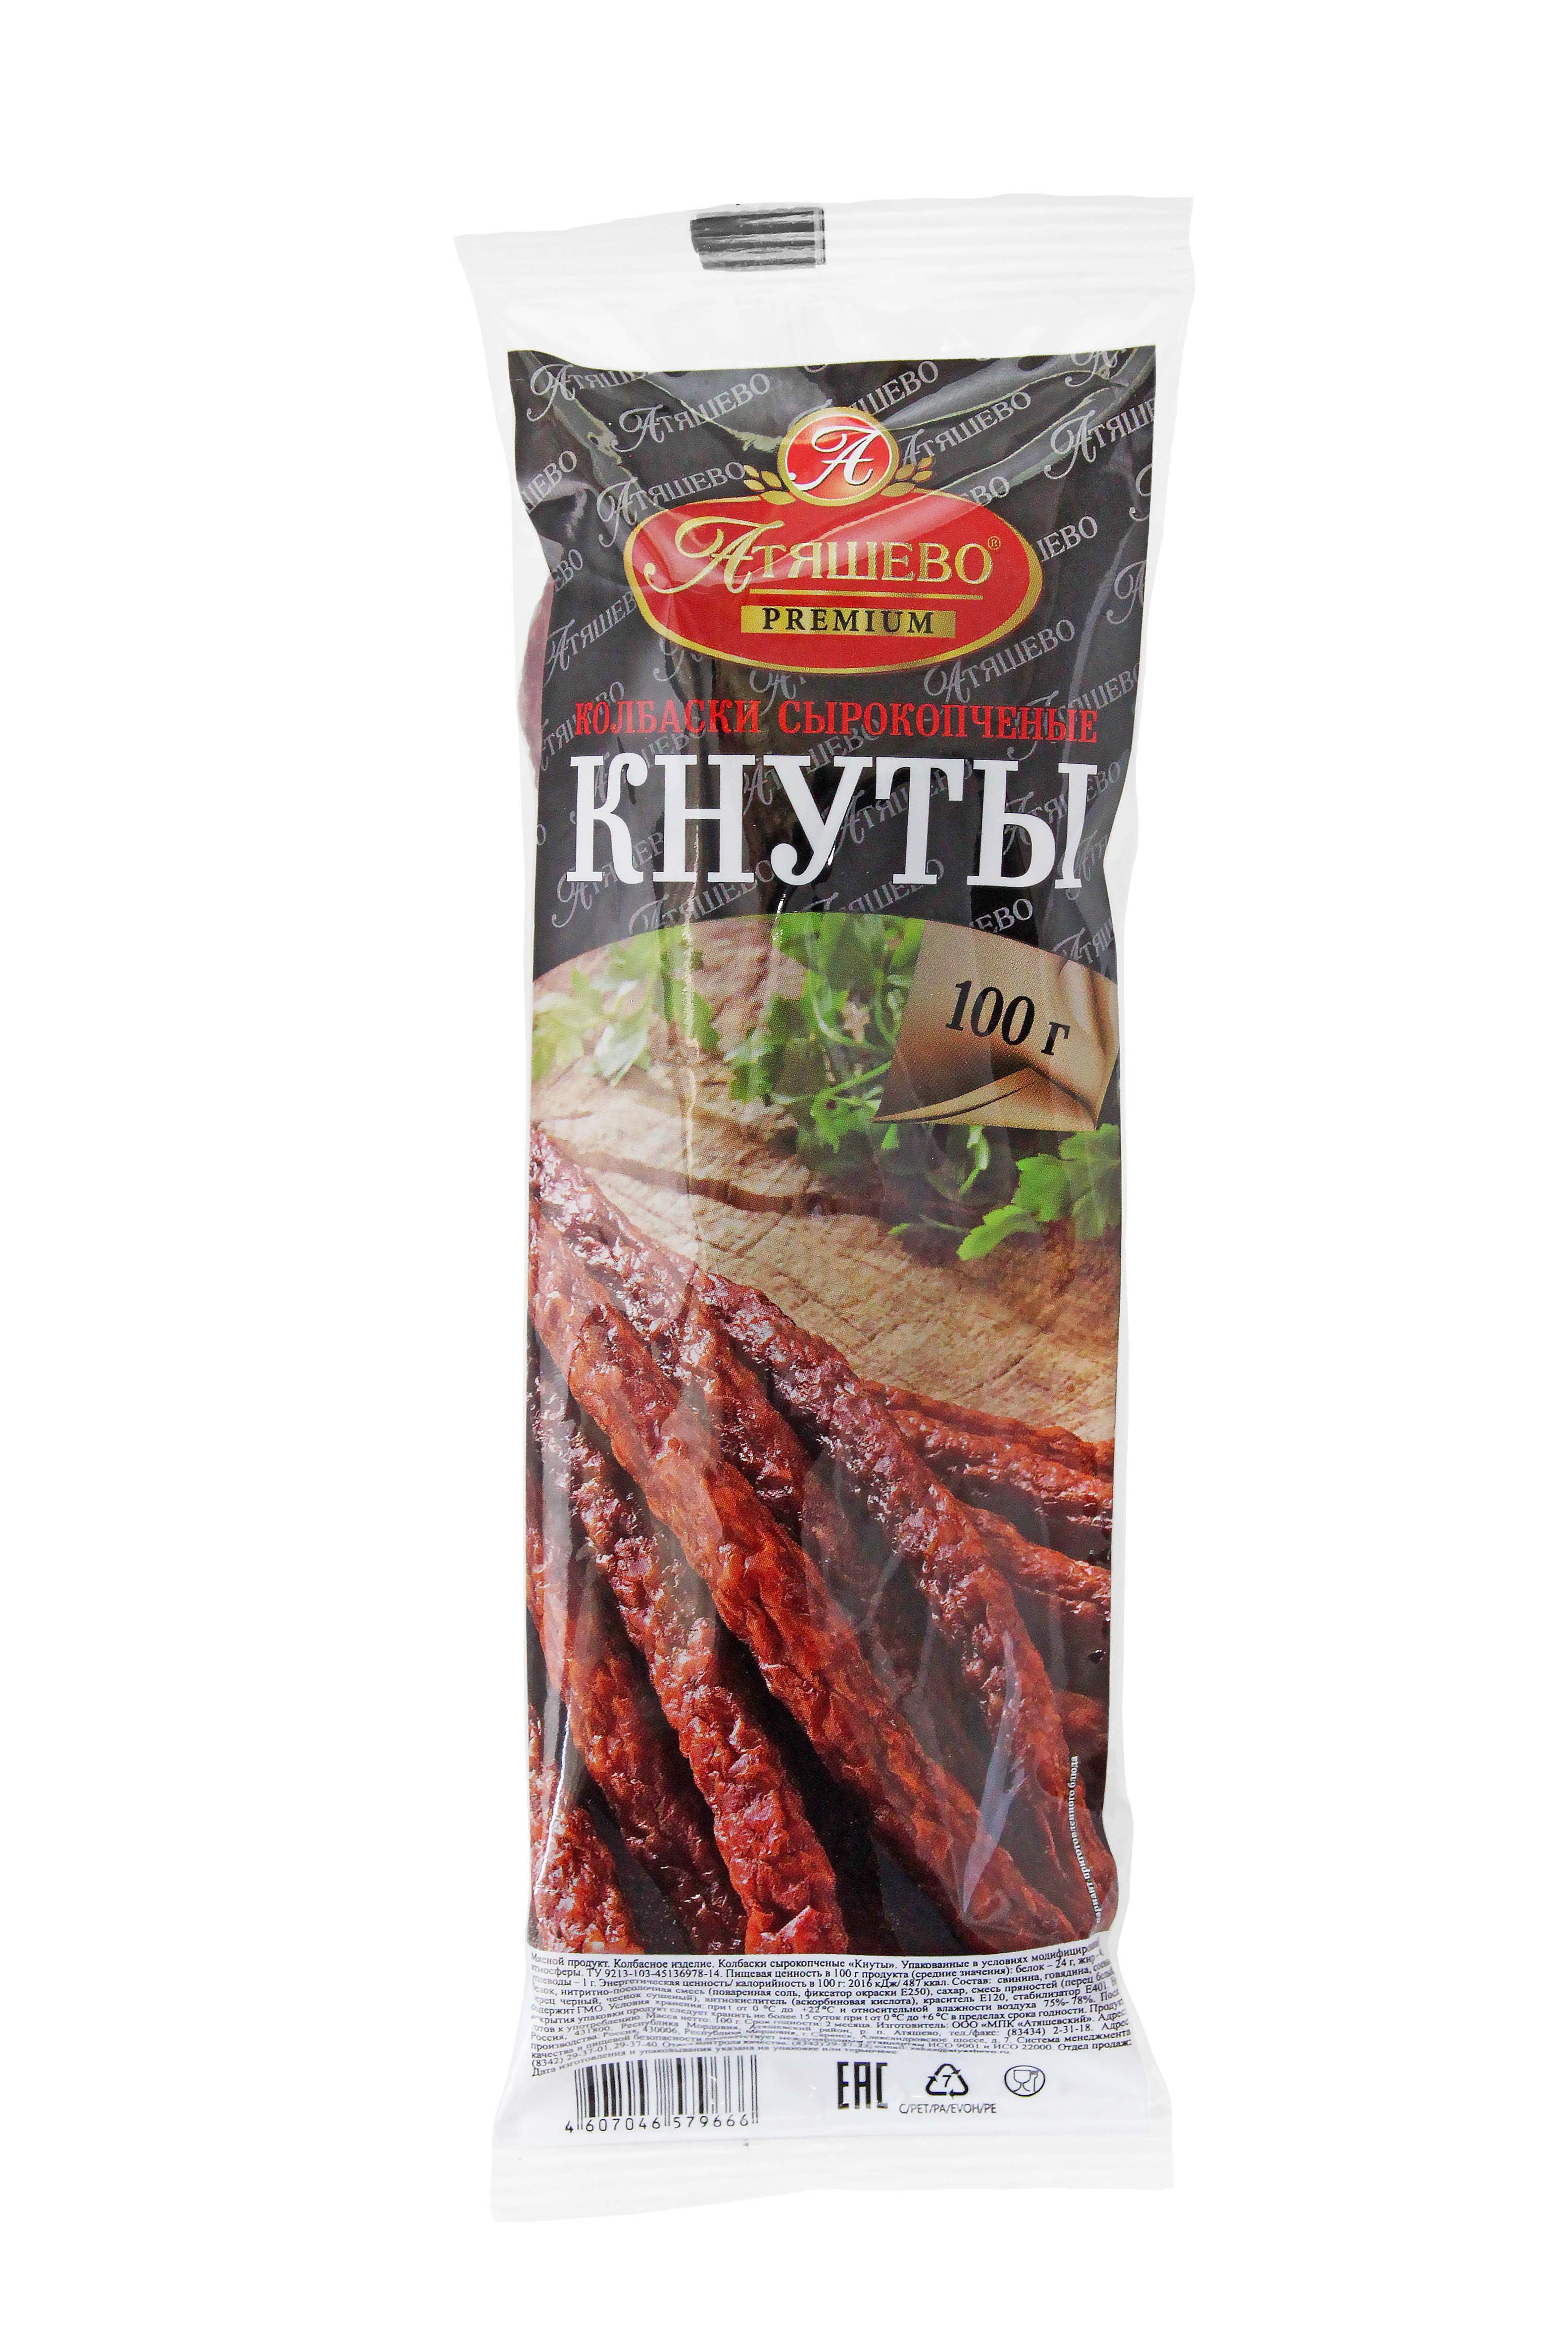 http://atyashevo.ru/wp-content/uploads/2019/12/Кнуты-Клише-1.jpg